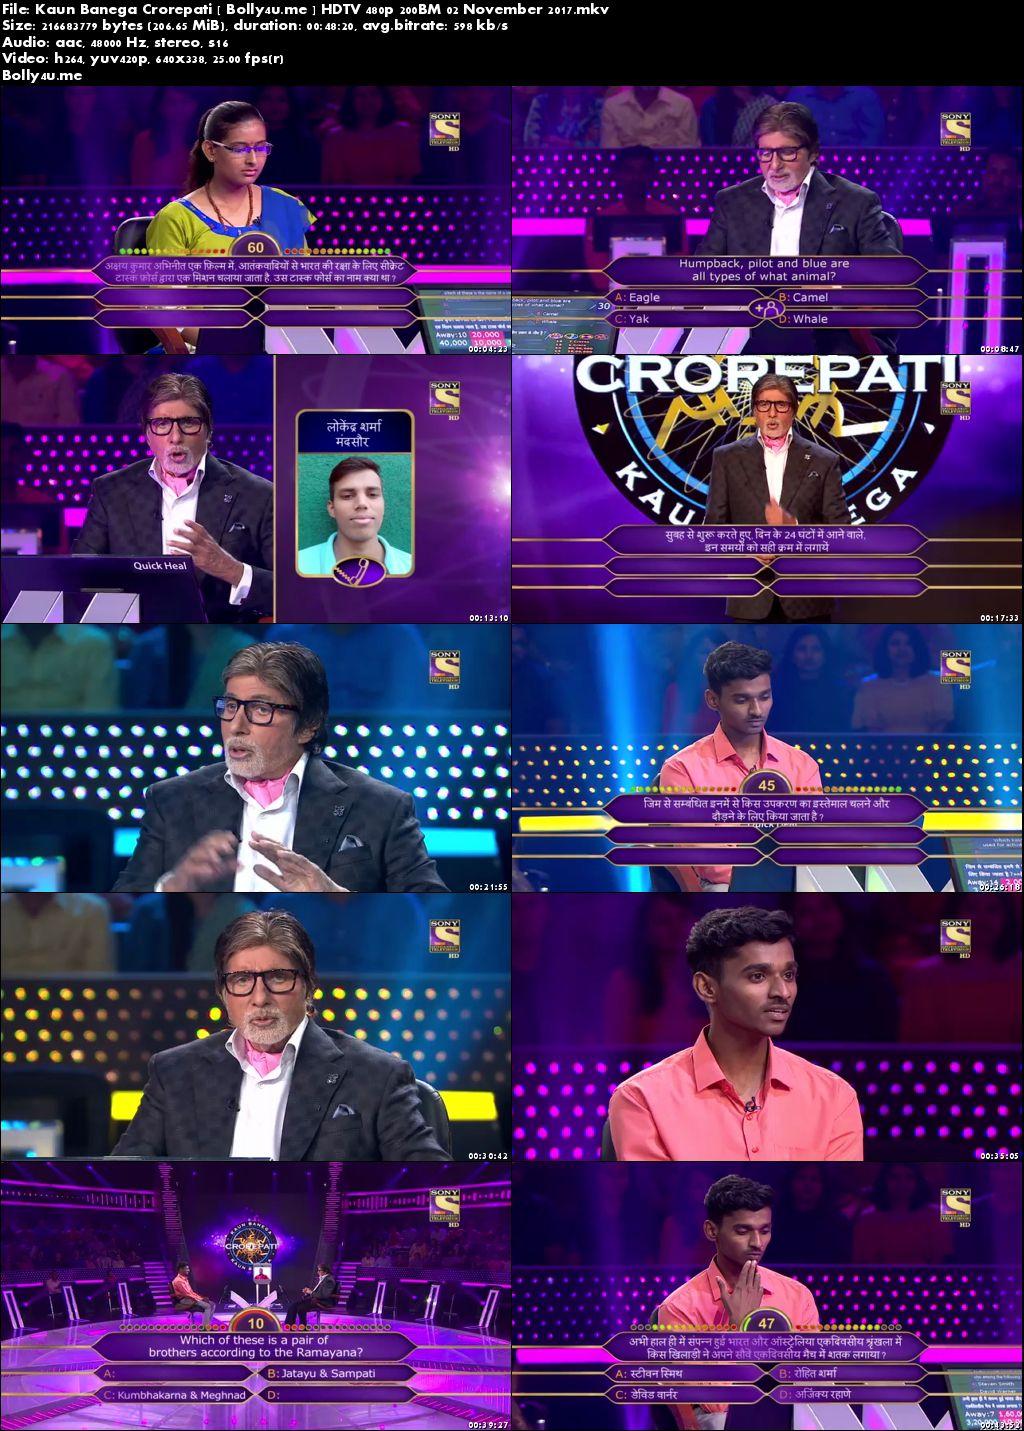 Kaun Banega Crorepati HDTV 480p 200MB 02 November 2017 Download